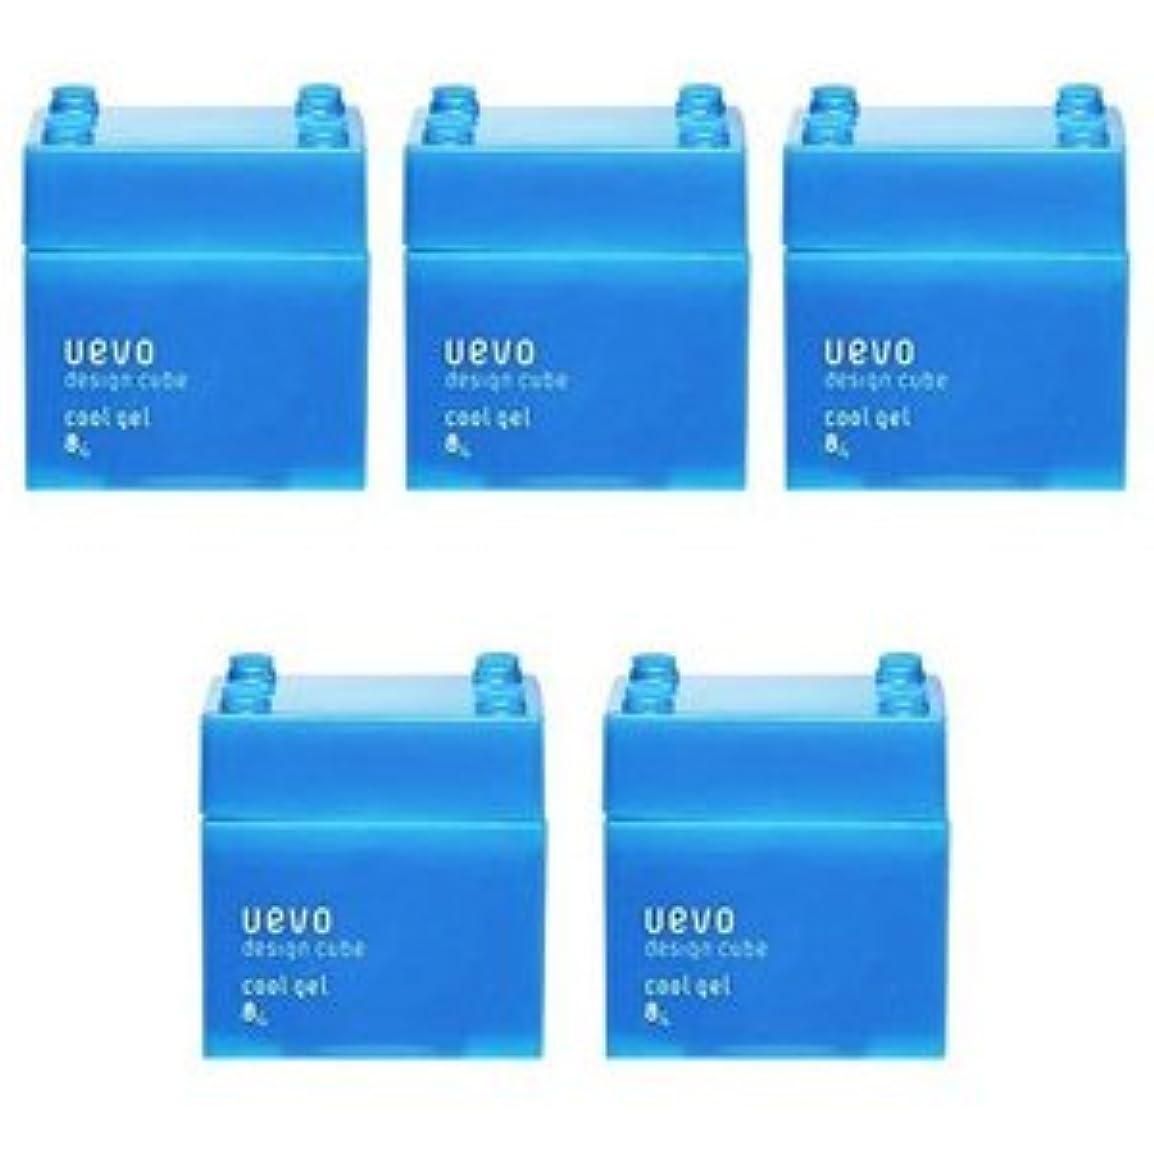 叫ぶまつげ許可【X5個セット】 デミ ウェーボ デザインキューブ クールジェル 80g cool gel DEMI uevo design cube